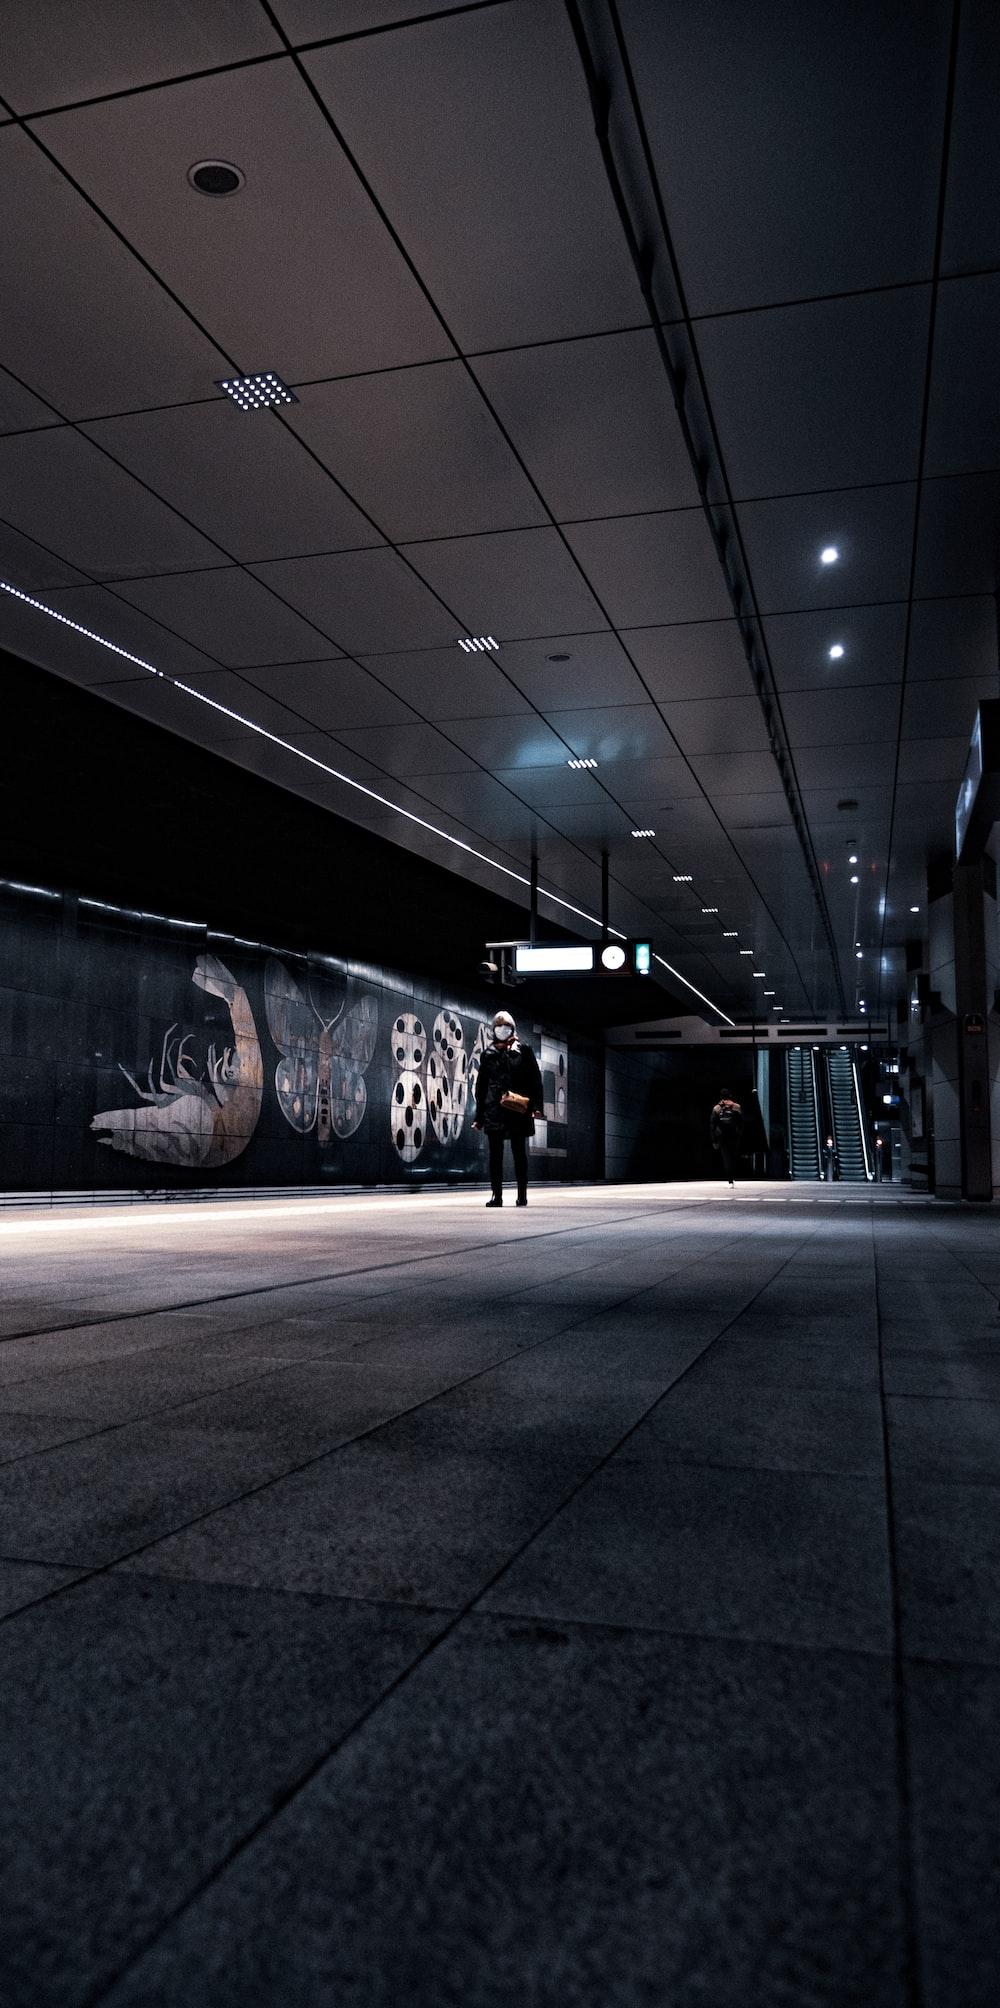 man in black jacket standing near wall